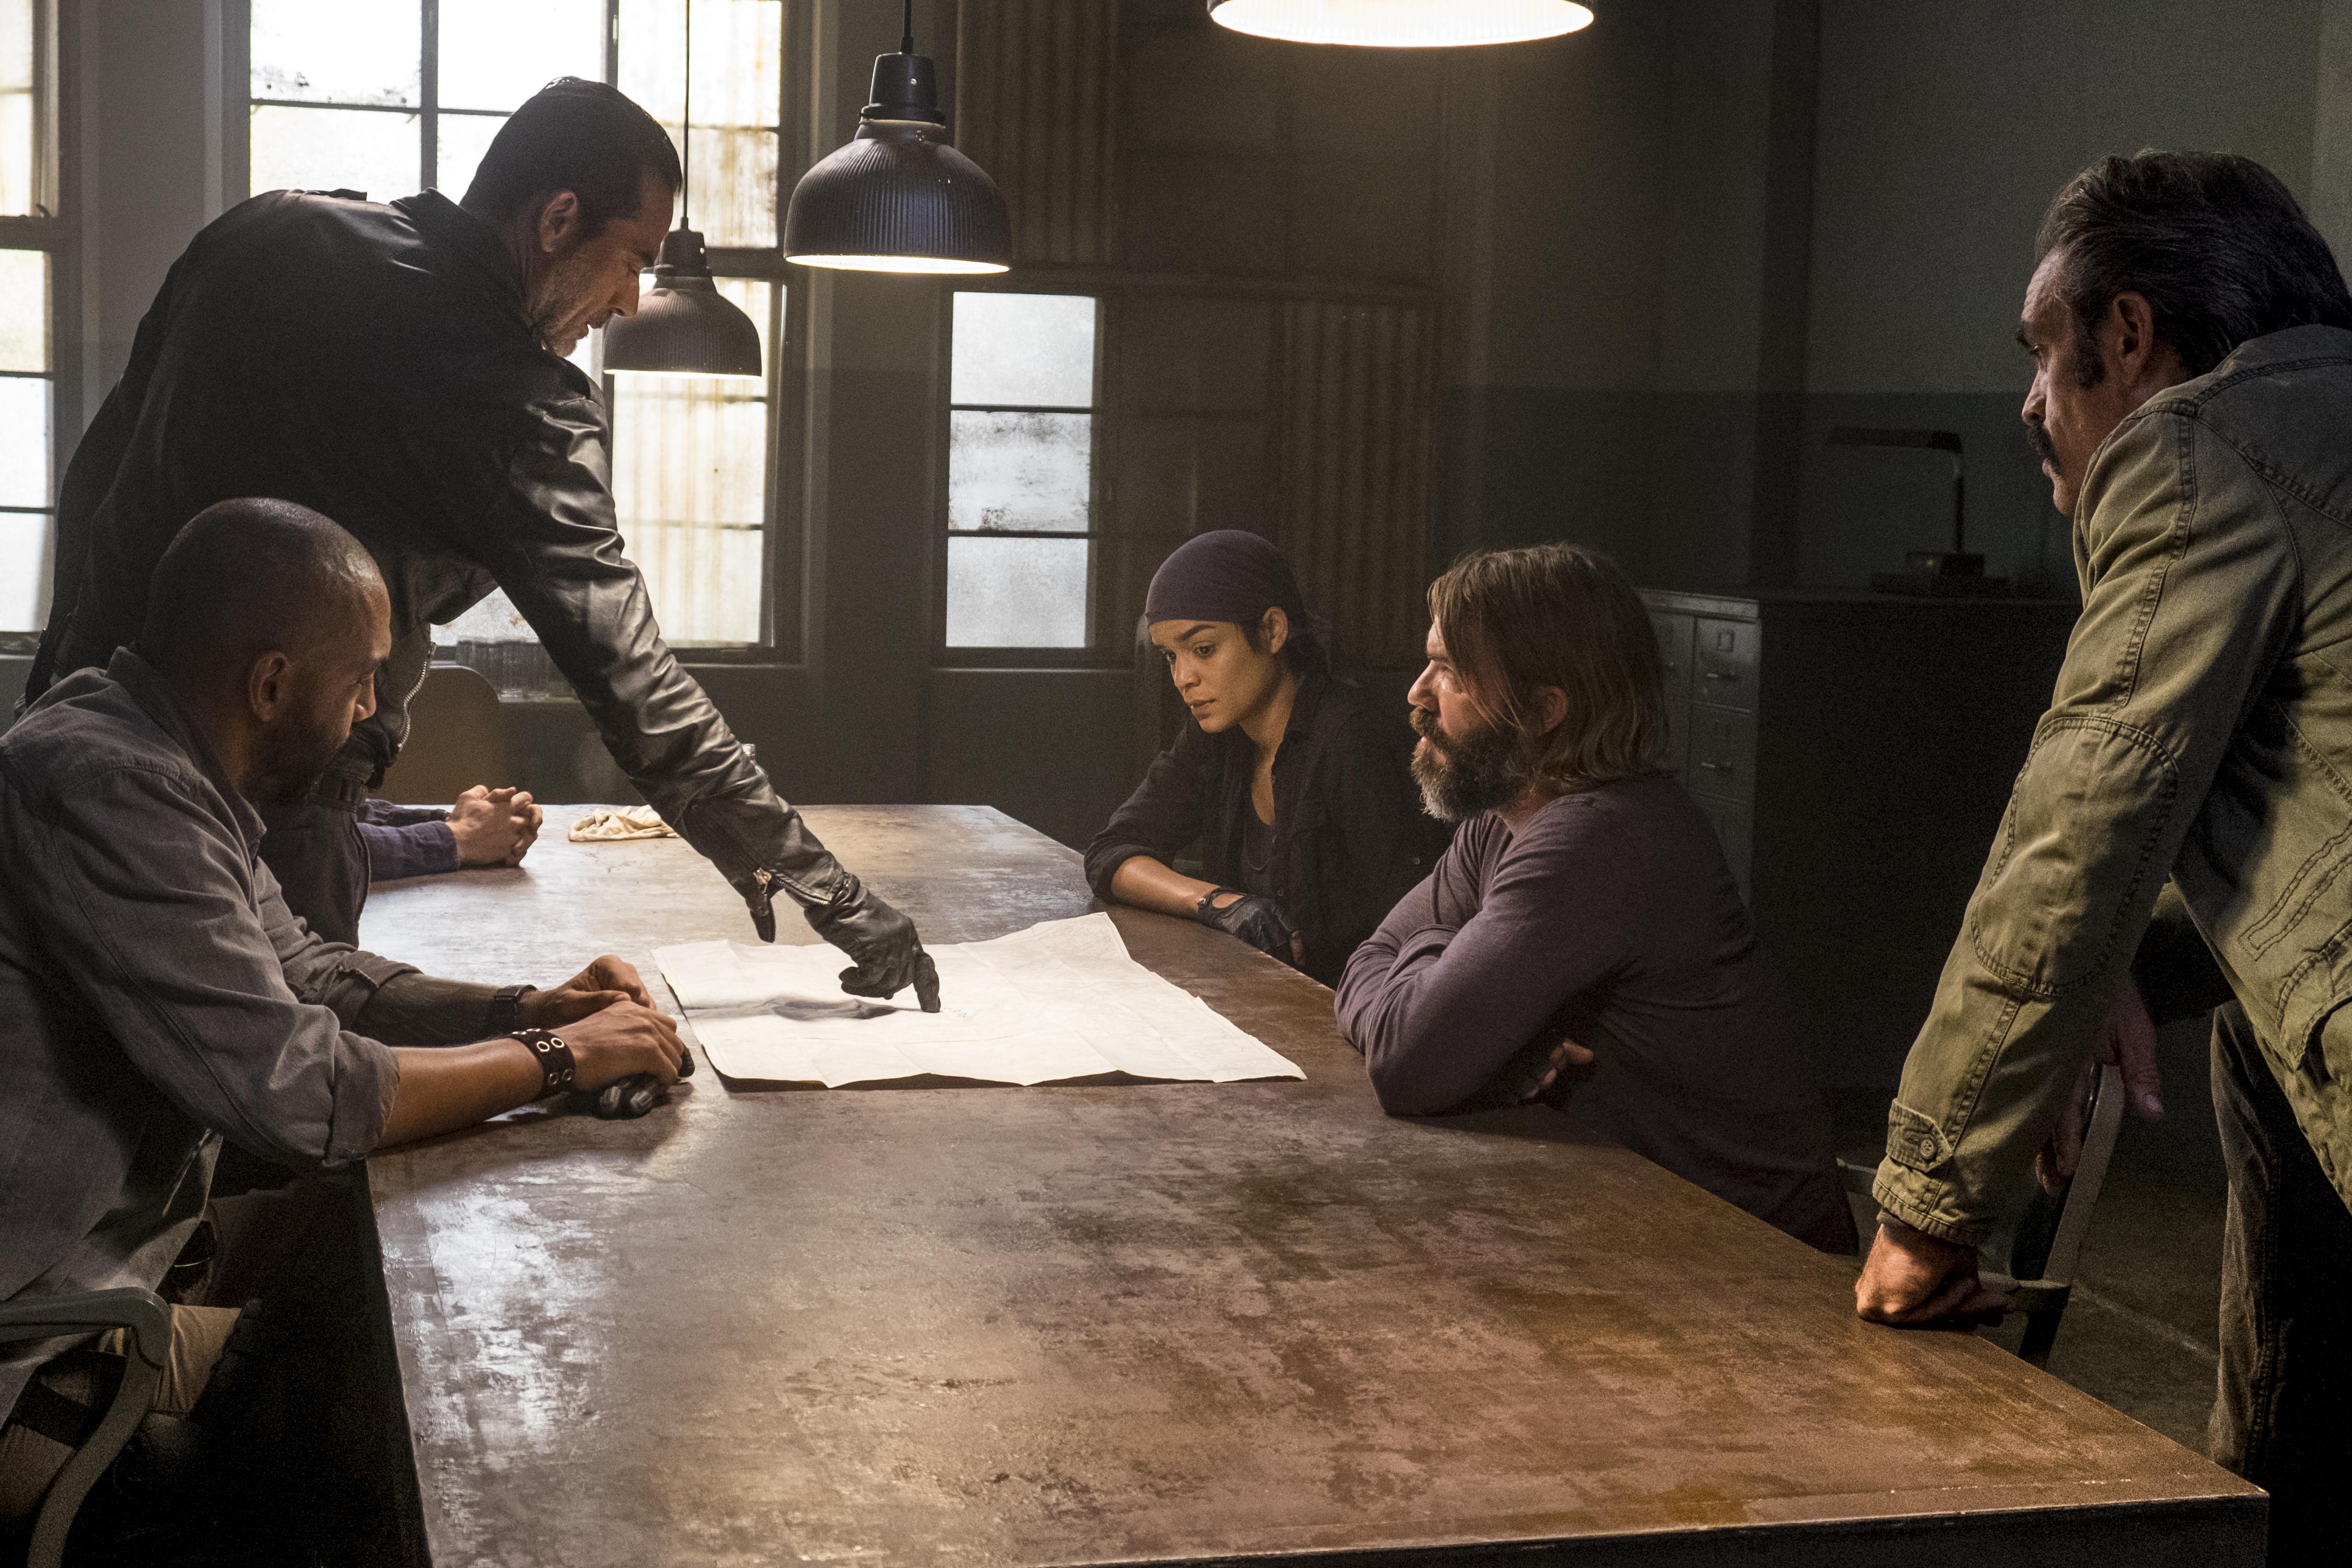 Negan (Jeffrey Dean Morgan) présente son plan à son état-major (Steven Ogg en tant que Simon, Elizabeth Ludlow en tant que Arat, Austin Amelio en tant que Dwight) - The Walking Dead - Saison 8, Épisode 15 - Crédit photo : Gene Page/AMC